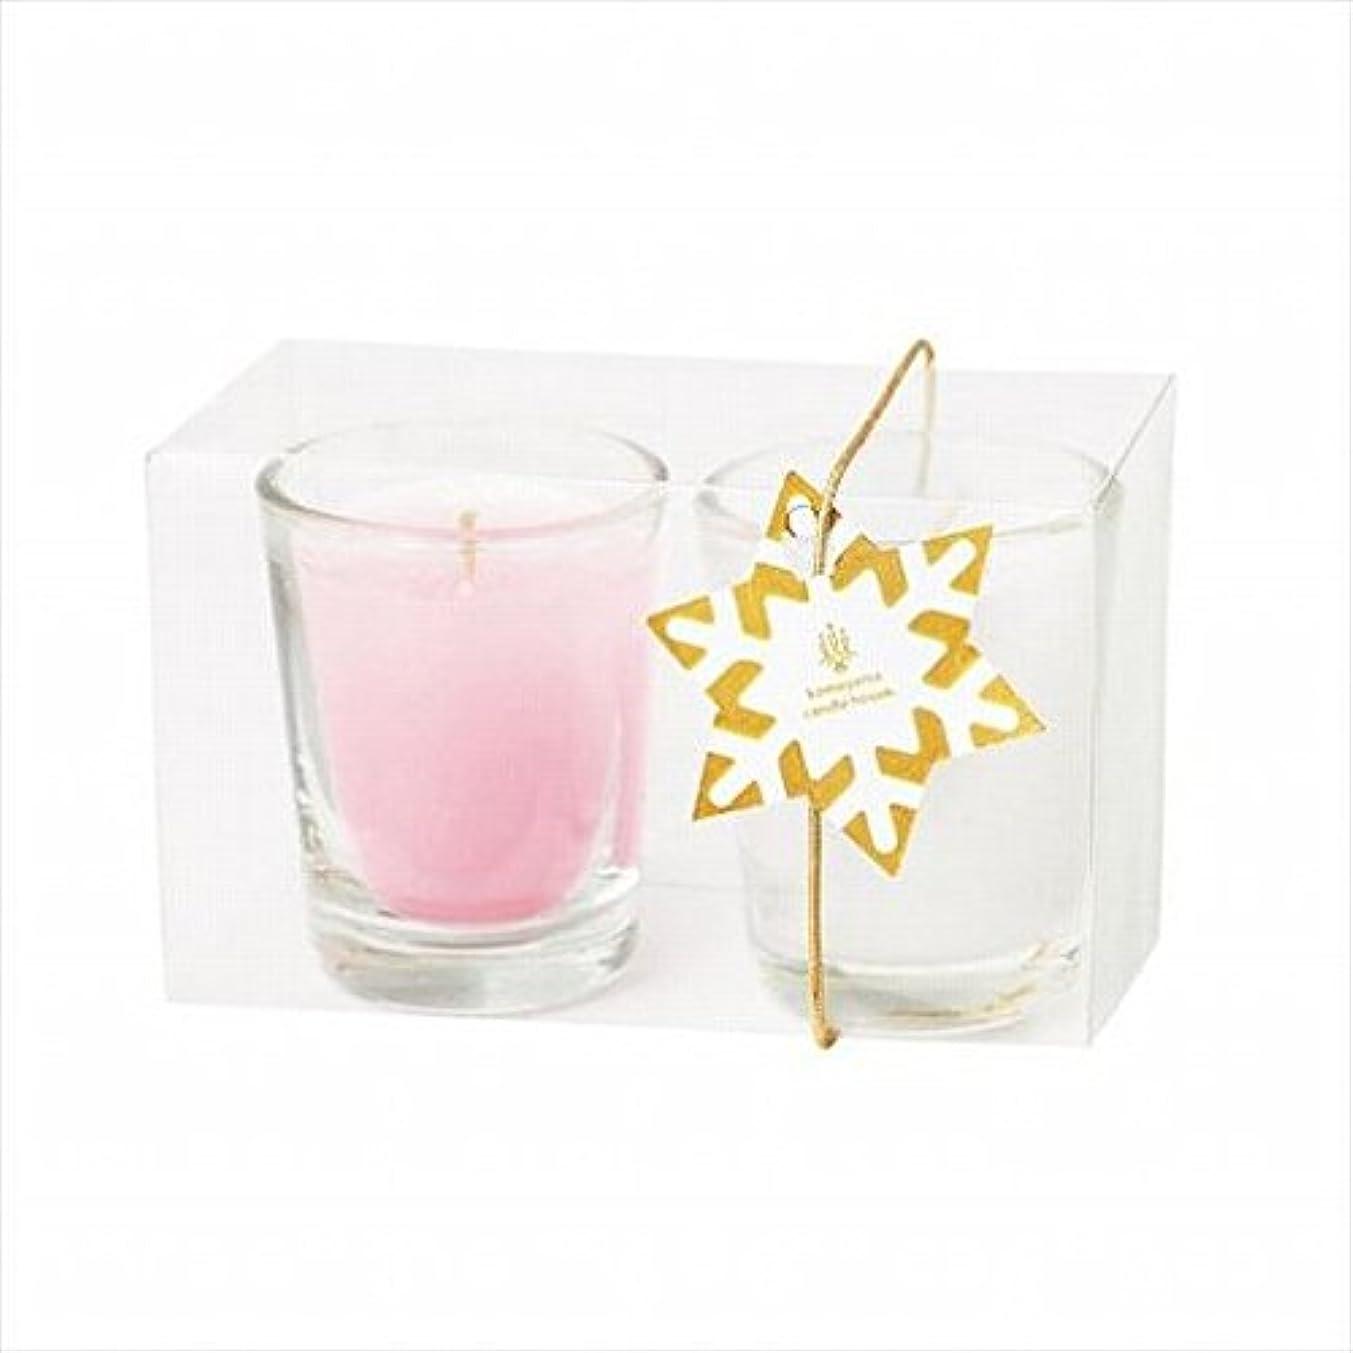 ナチュラルこねる彼女kameyama candle(カメヤマキャンドル) ミニライト2個入り 「 ホワイト&ピンク 」(A9570020)